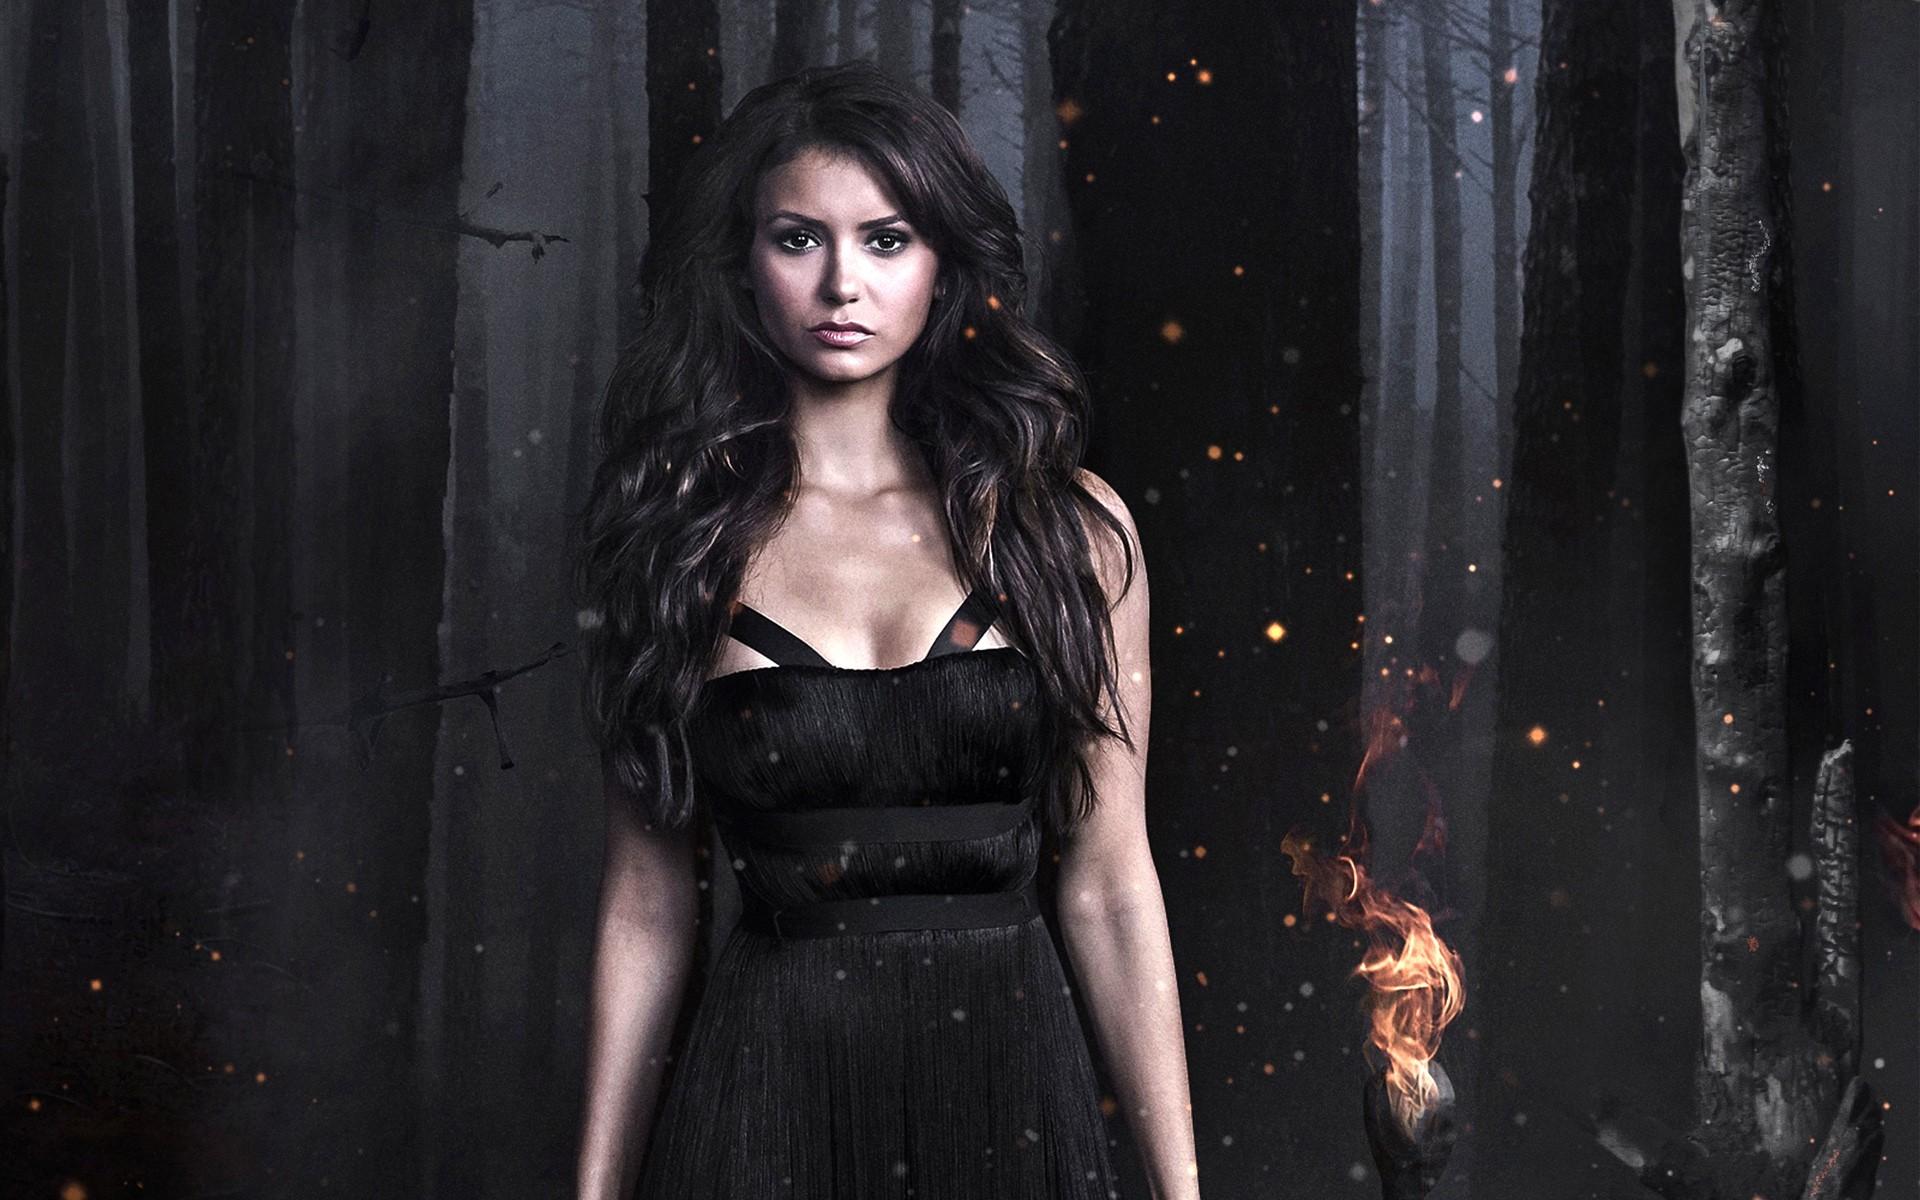 Nina Dobrev In Vampire Diaries 1280x1024 Resolution